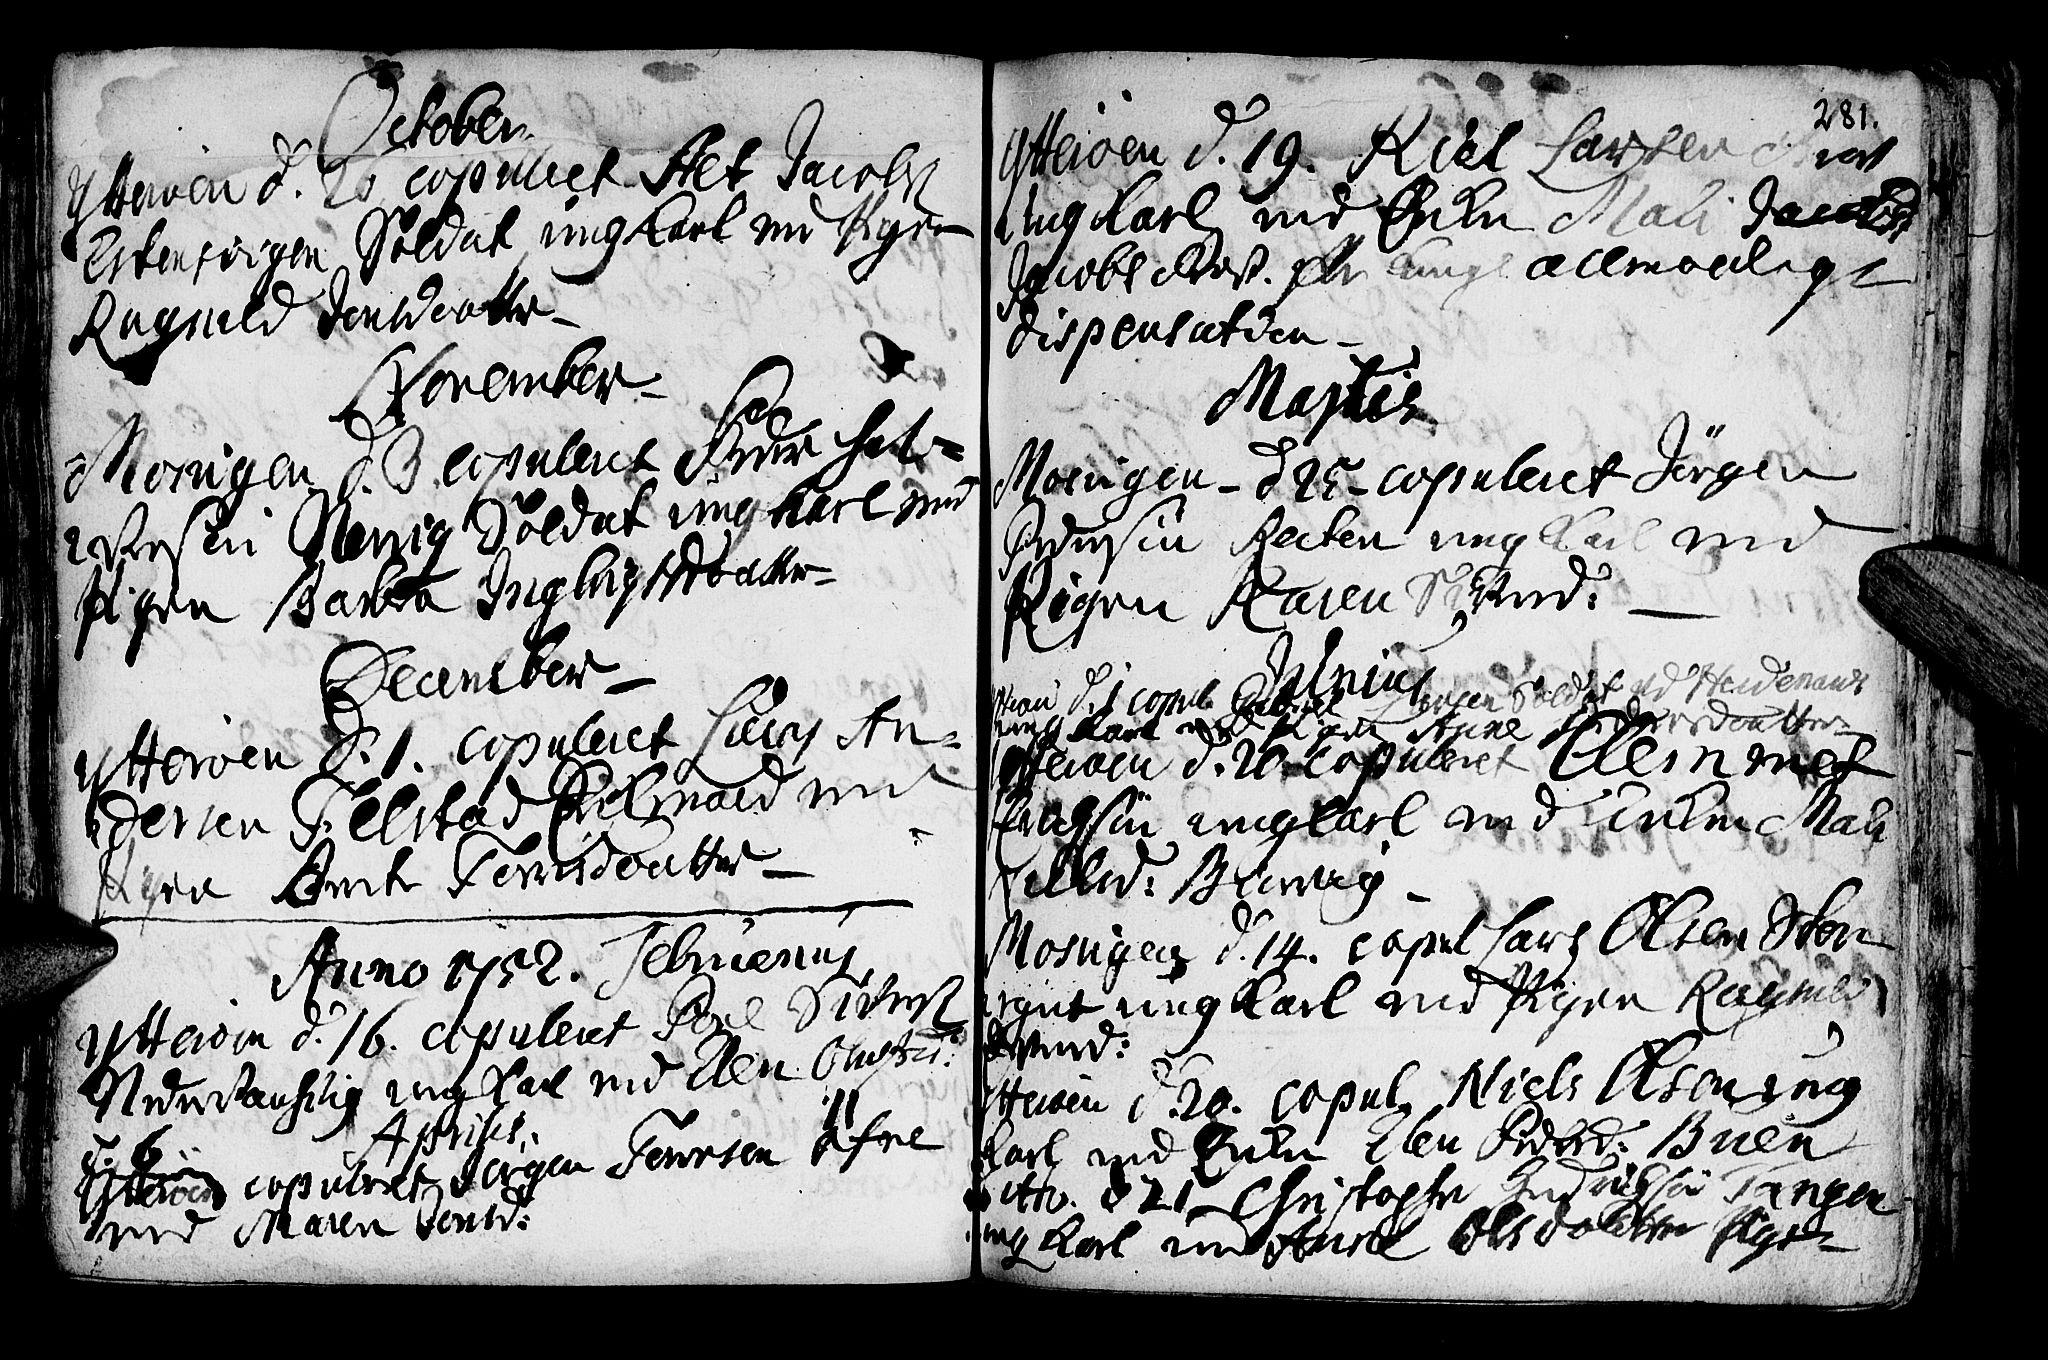 SAT, Ministerialprotokoller, klokkerbøker og fødselsregistre - Nord-Trøndelag, 722/L0215: Ministerialbok nr. 722A02, 1718-1755, s. 281